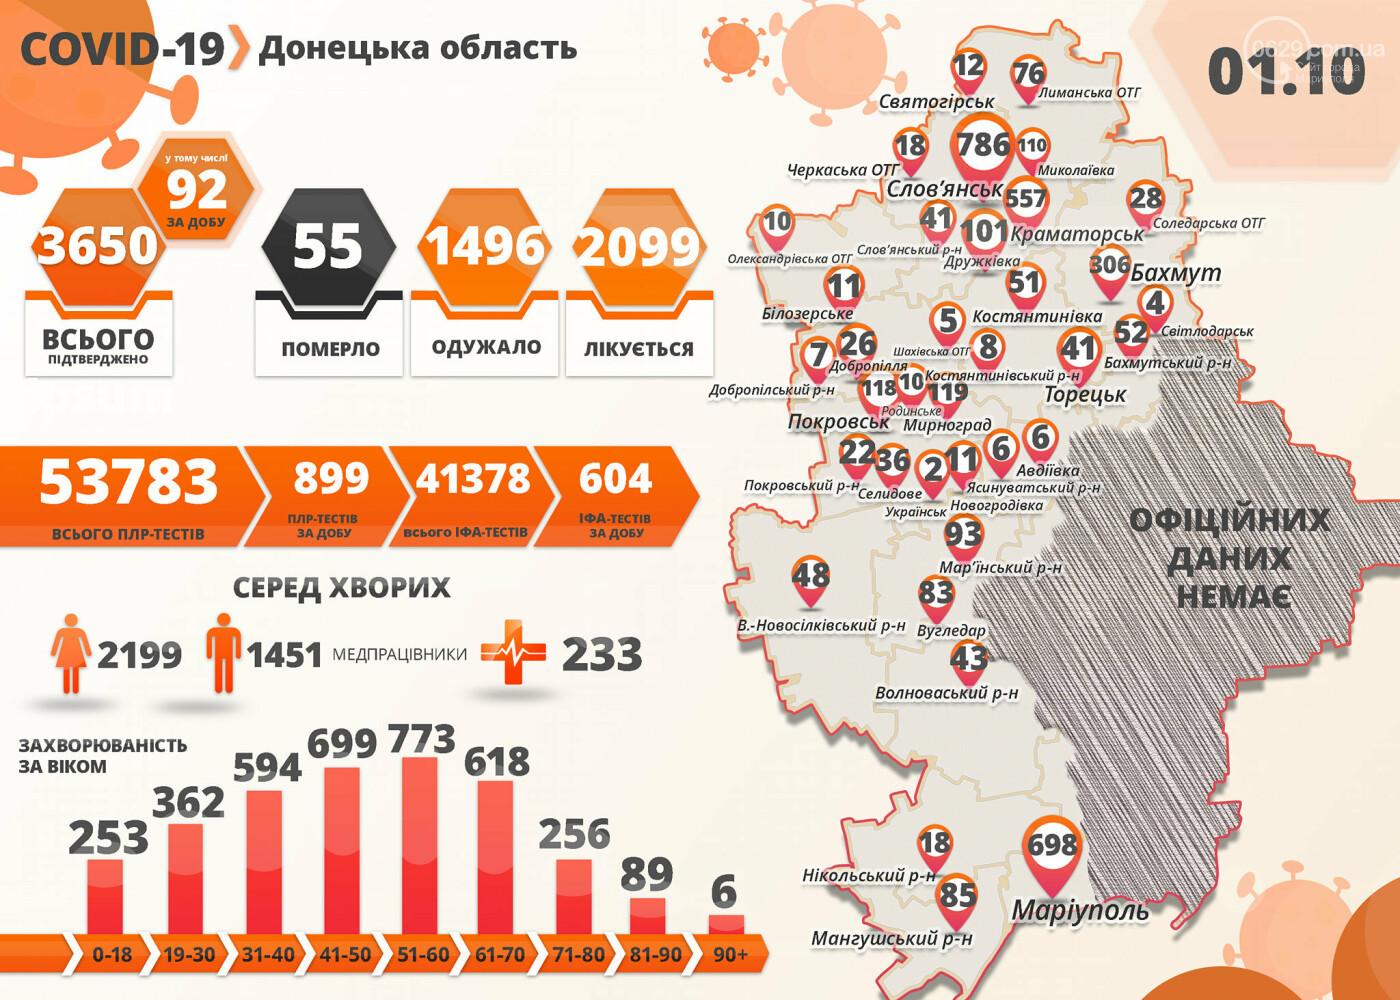 В Мариуполе 53 новых случая заражения коронавирусной инфекцией, фото-1